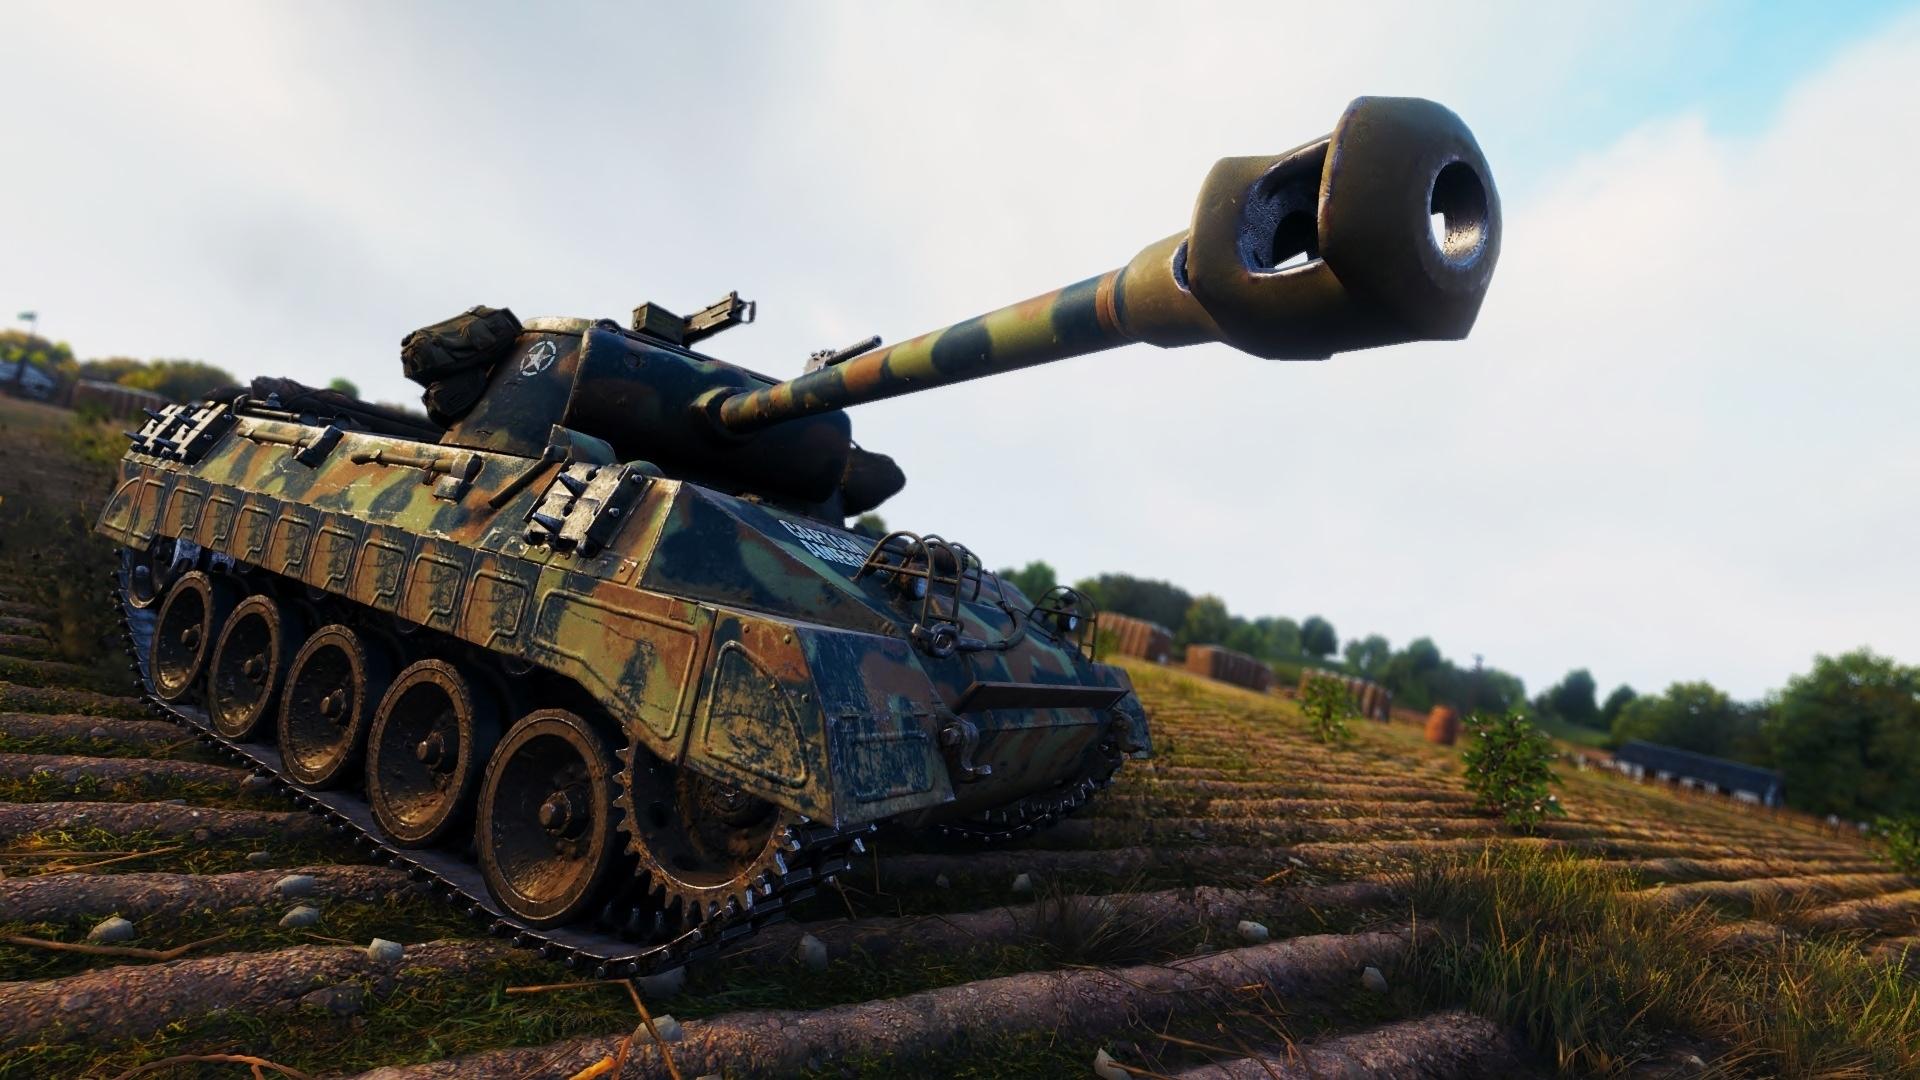 アメリカ駆逐戦車リモデル: リョウたんマグナムのブログ